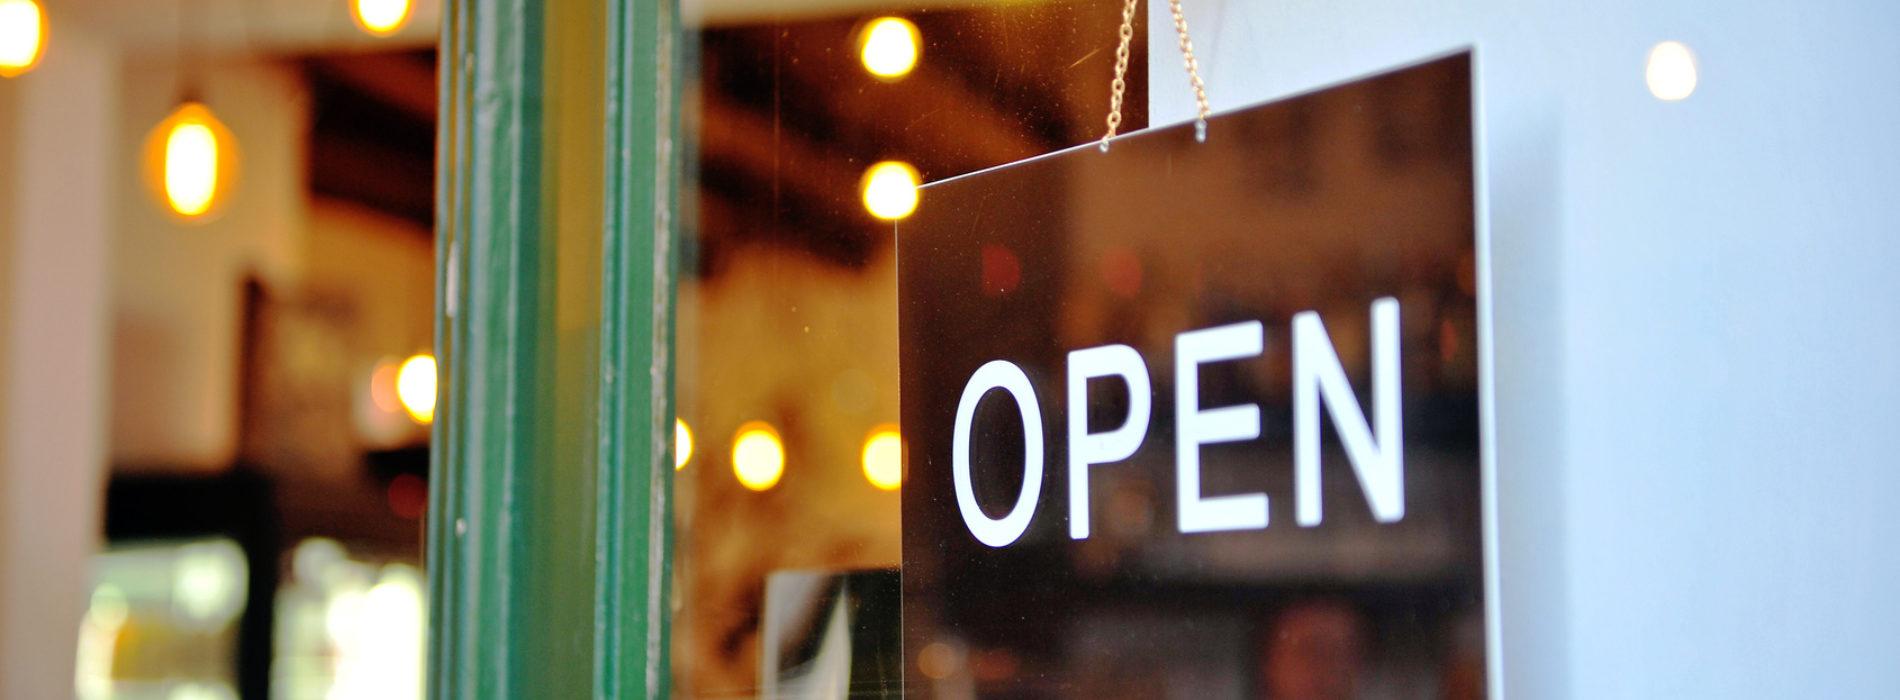 Jak otworzyć sklep spożywczy na zasadzie franczyzy?